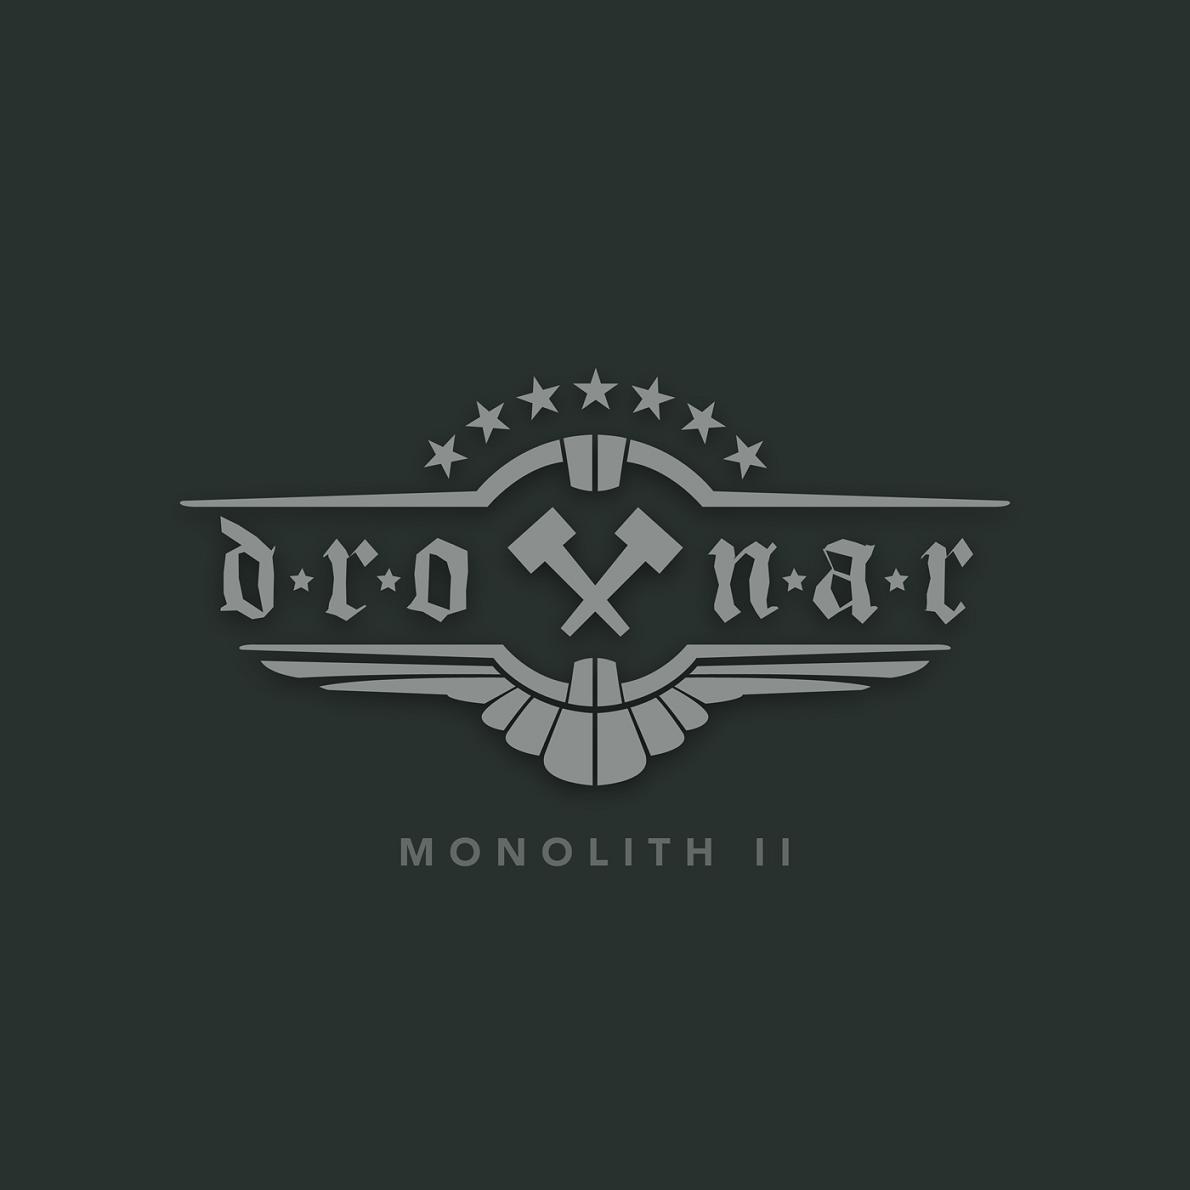 Drottnar - Monolith II